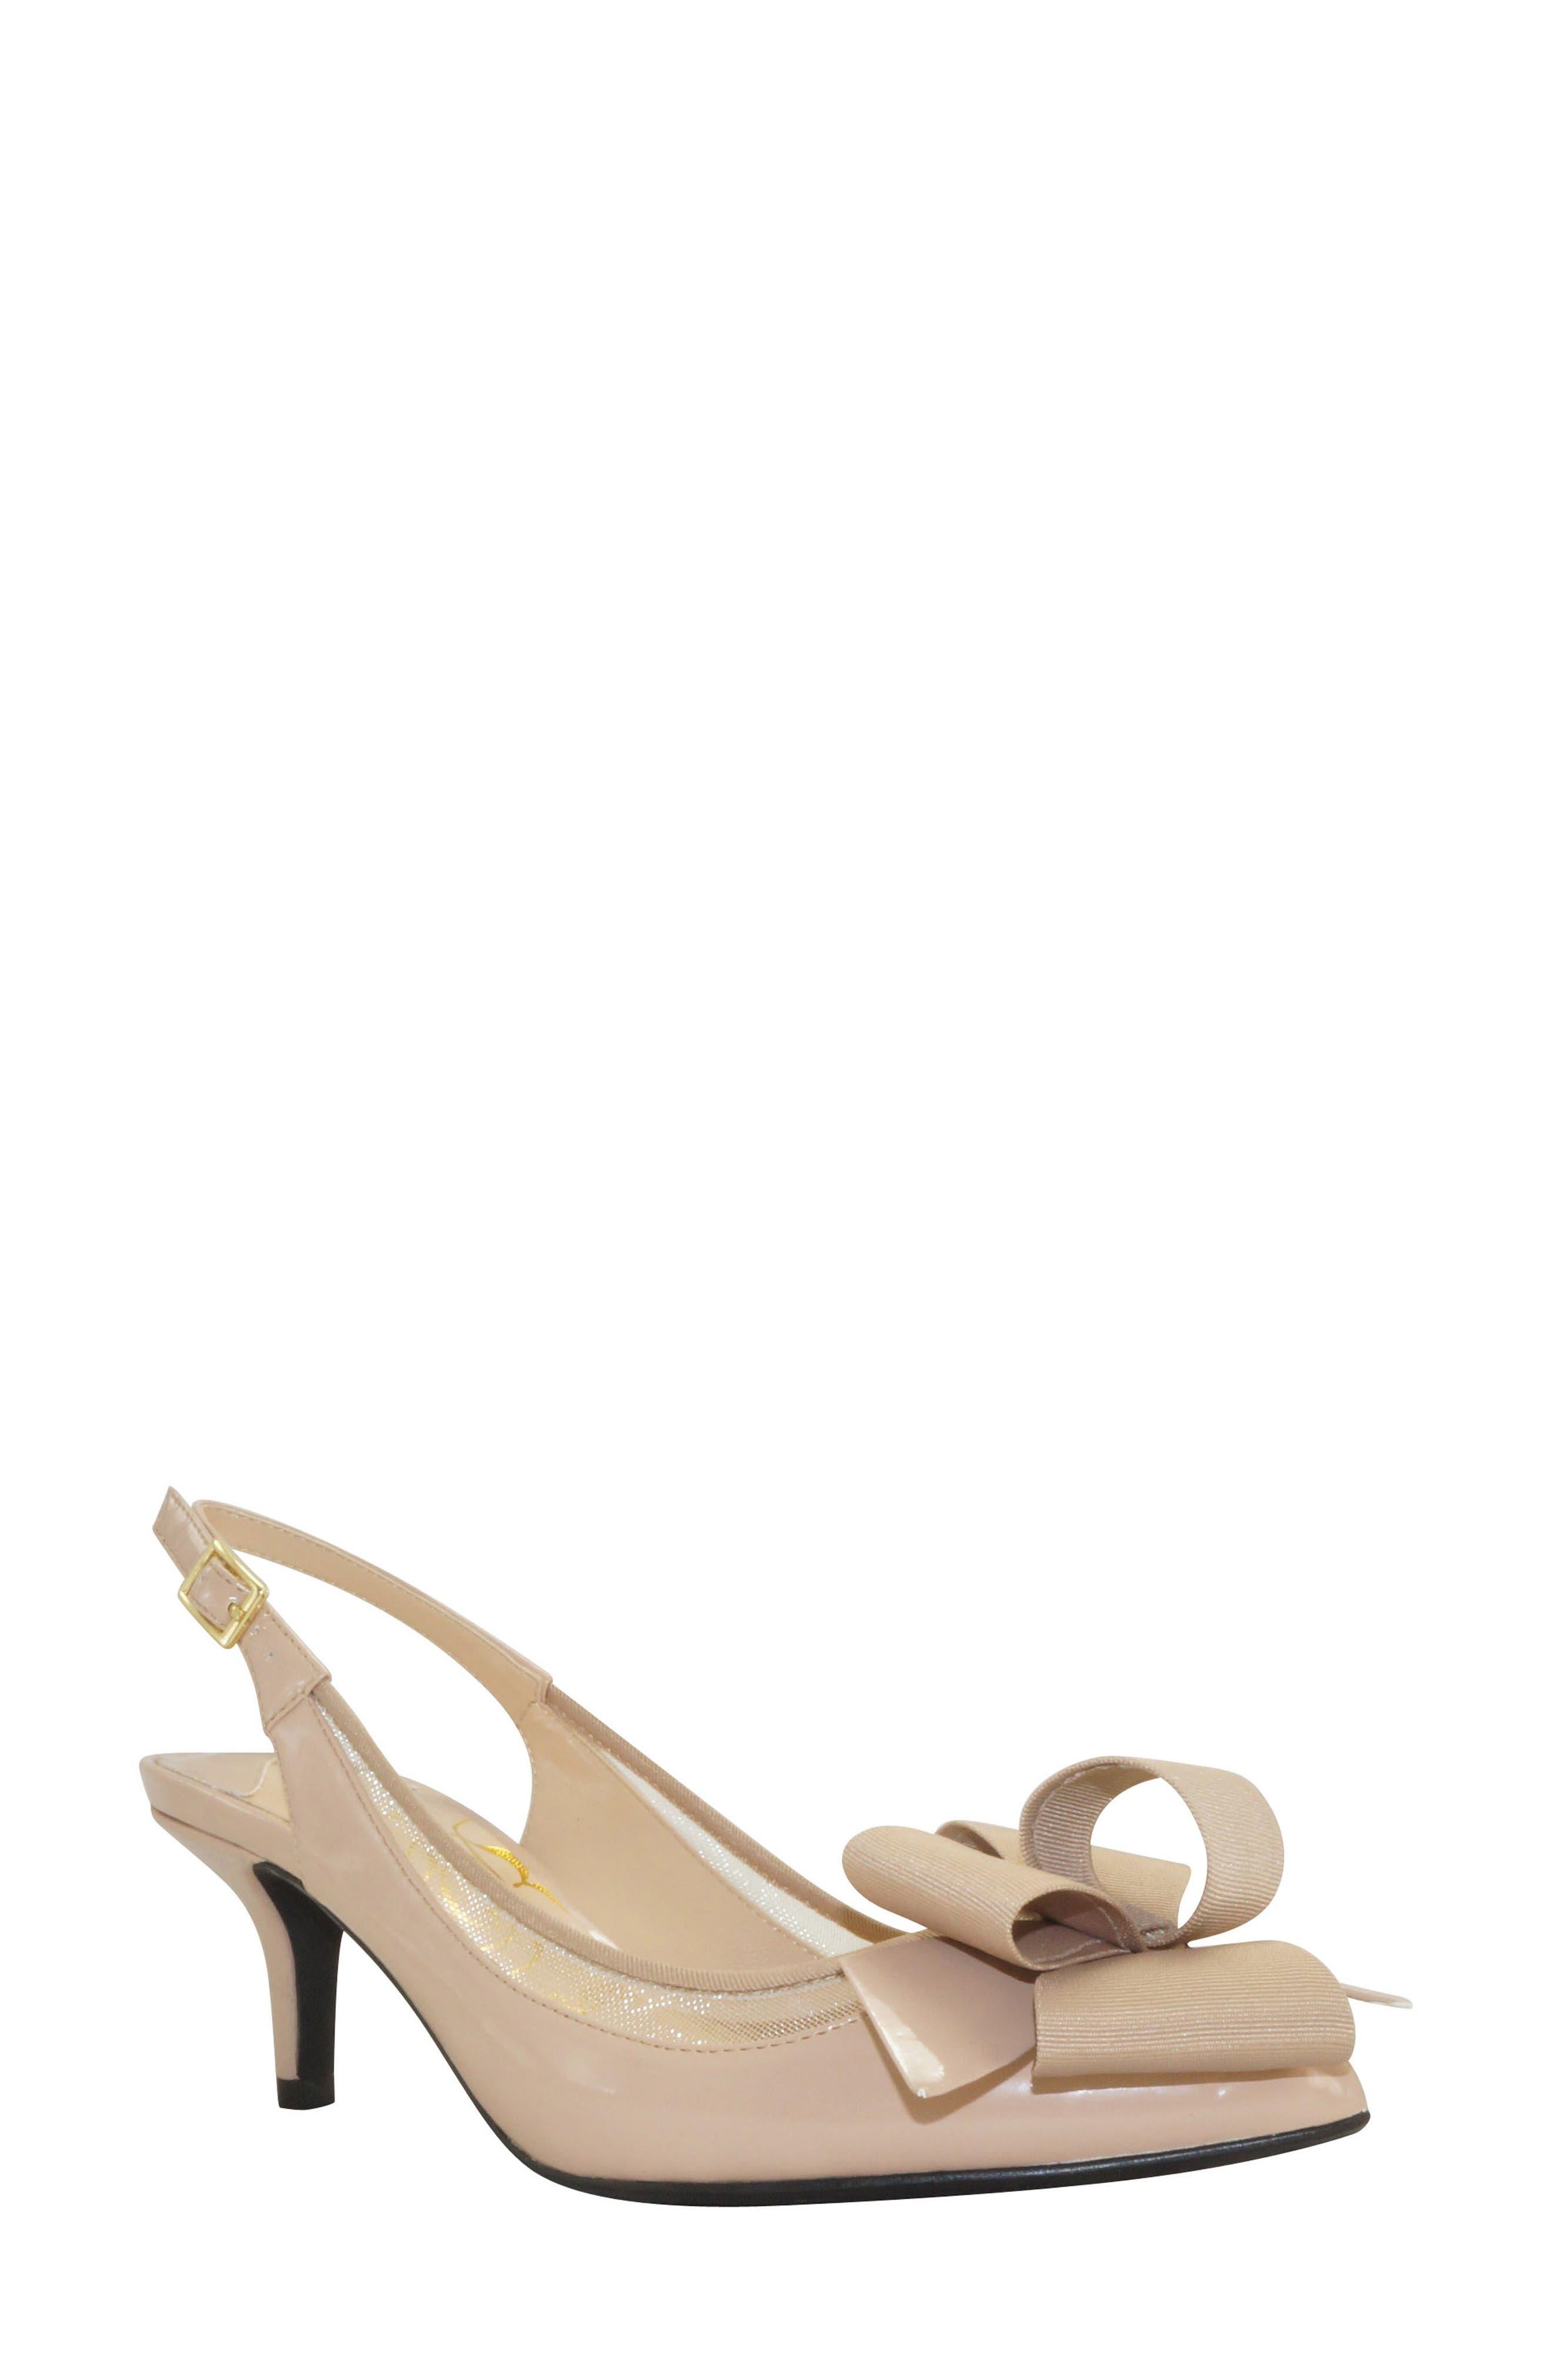 J. Reneé 'Garbi' Pointy Toe Bow Pump (Women)